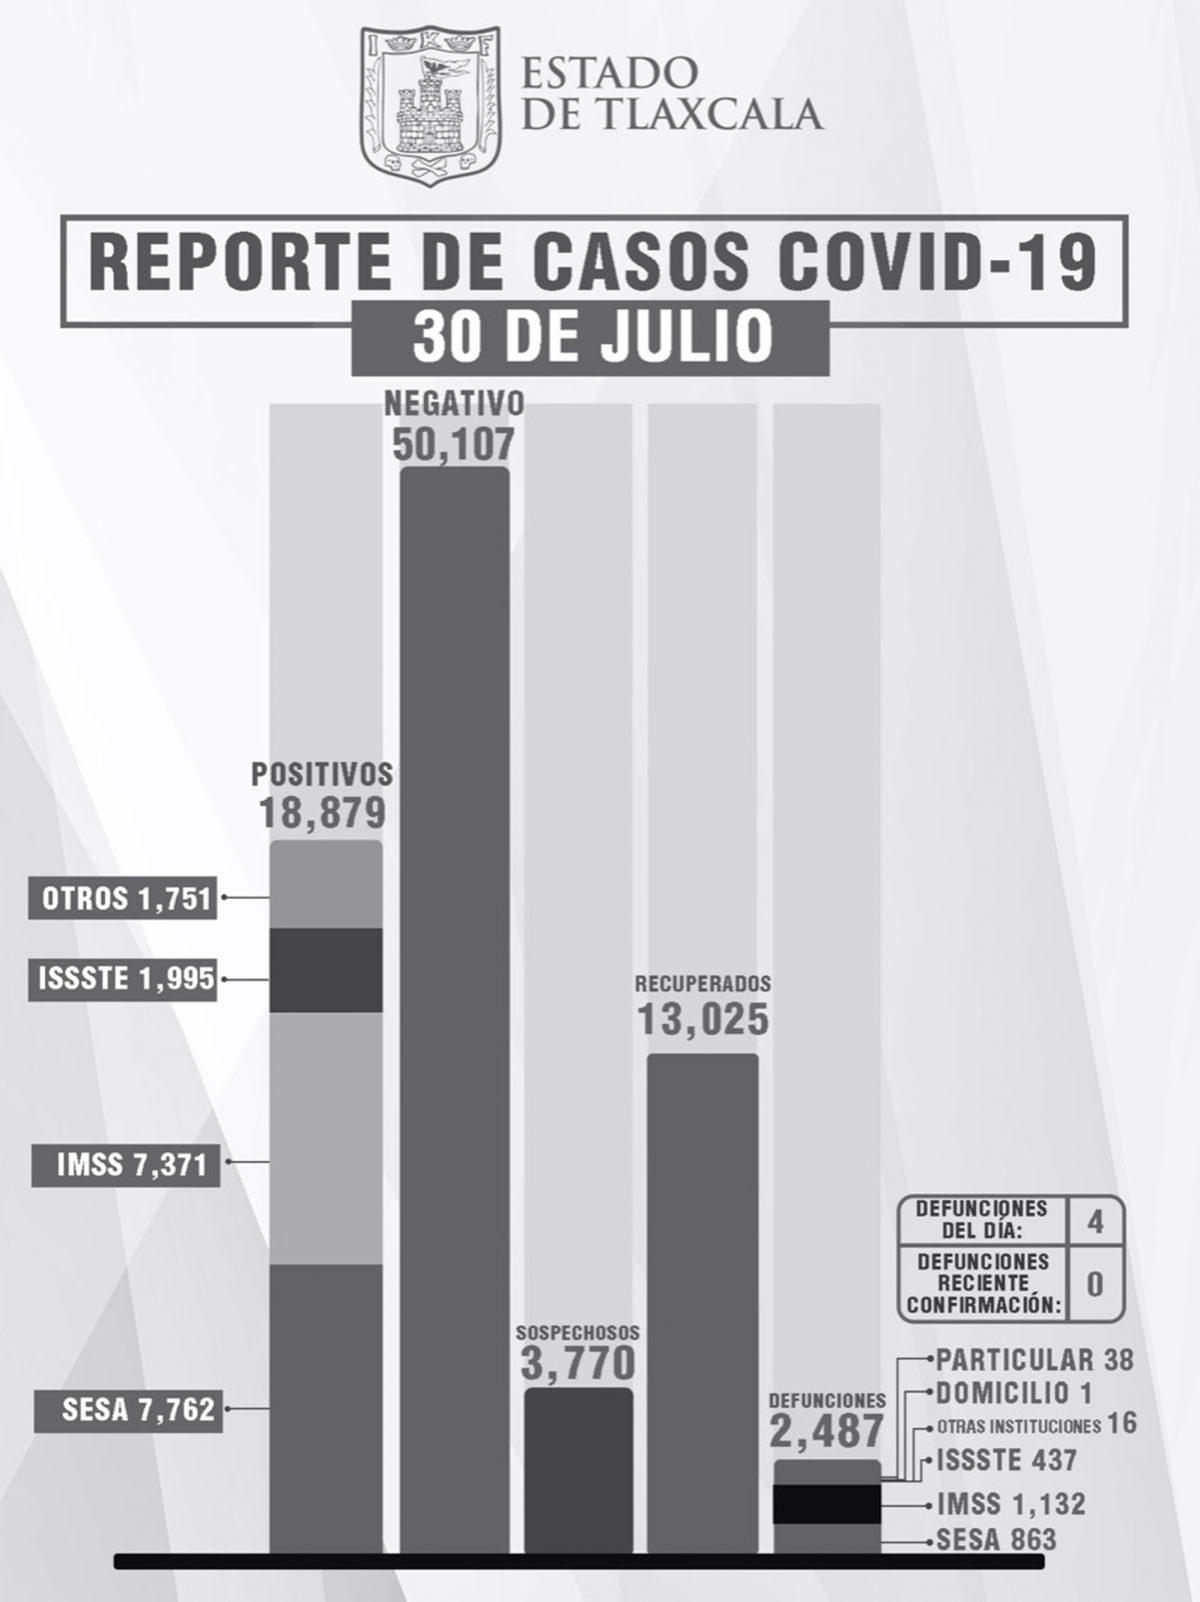 CONFIRMA SESA 20 PERSONAS RECUPERADAS, 4 DEFUNCIONES  Y 61 CASOS POSITIVOS EN TLAXCALA DE COVID-